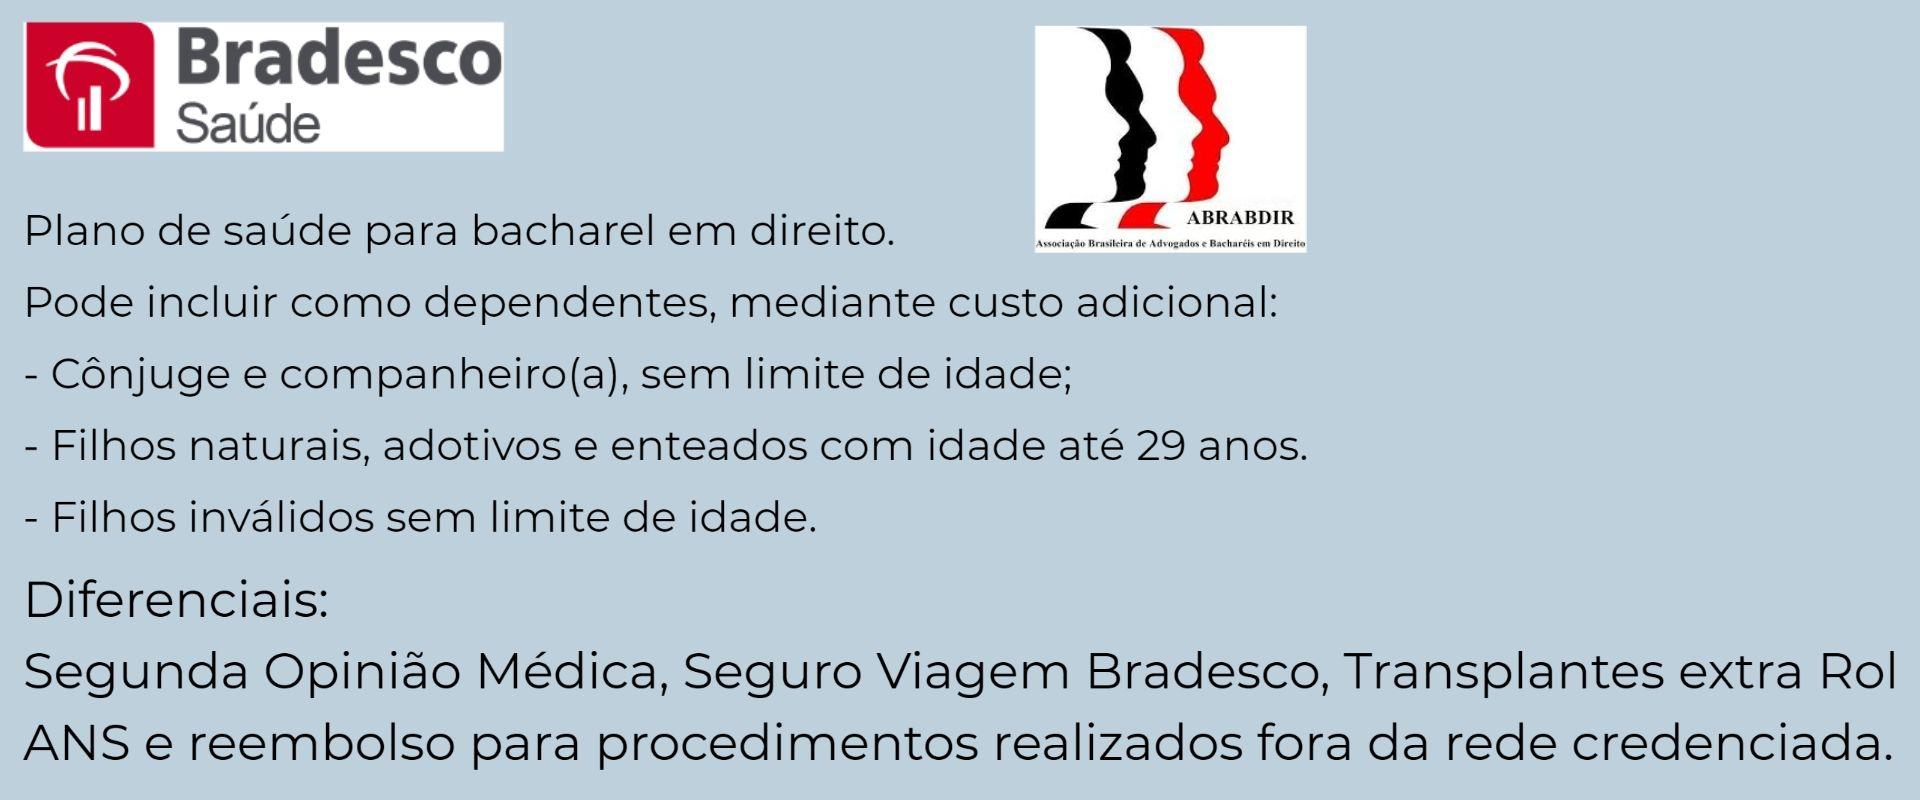 Bradesco Saúde ABRABDIR-AP